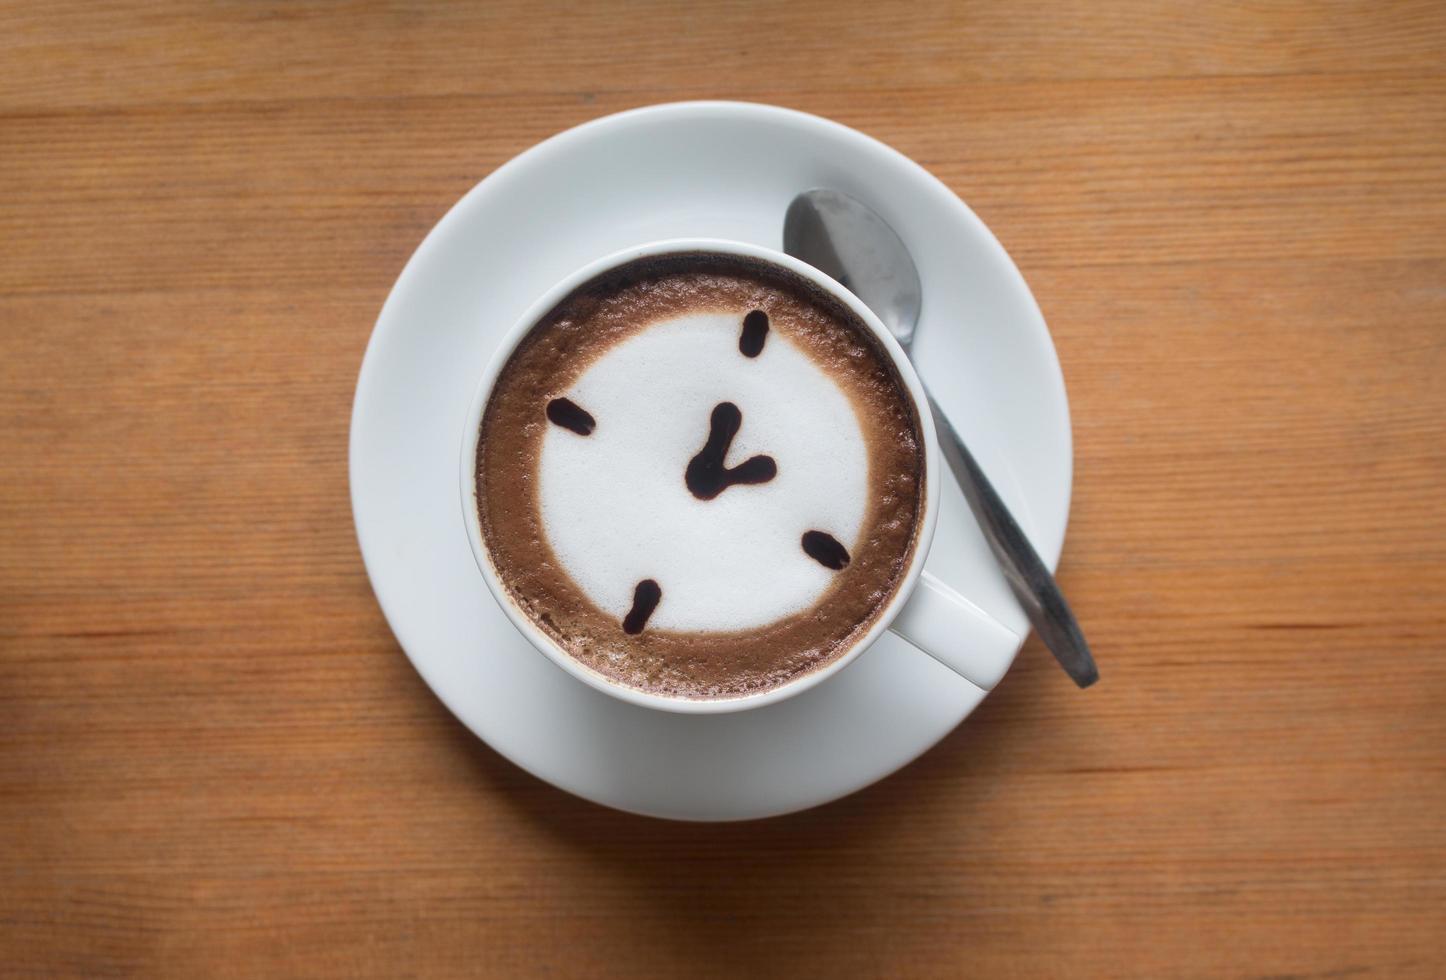 una tazza di caffè latte caldo foto